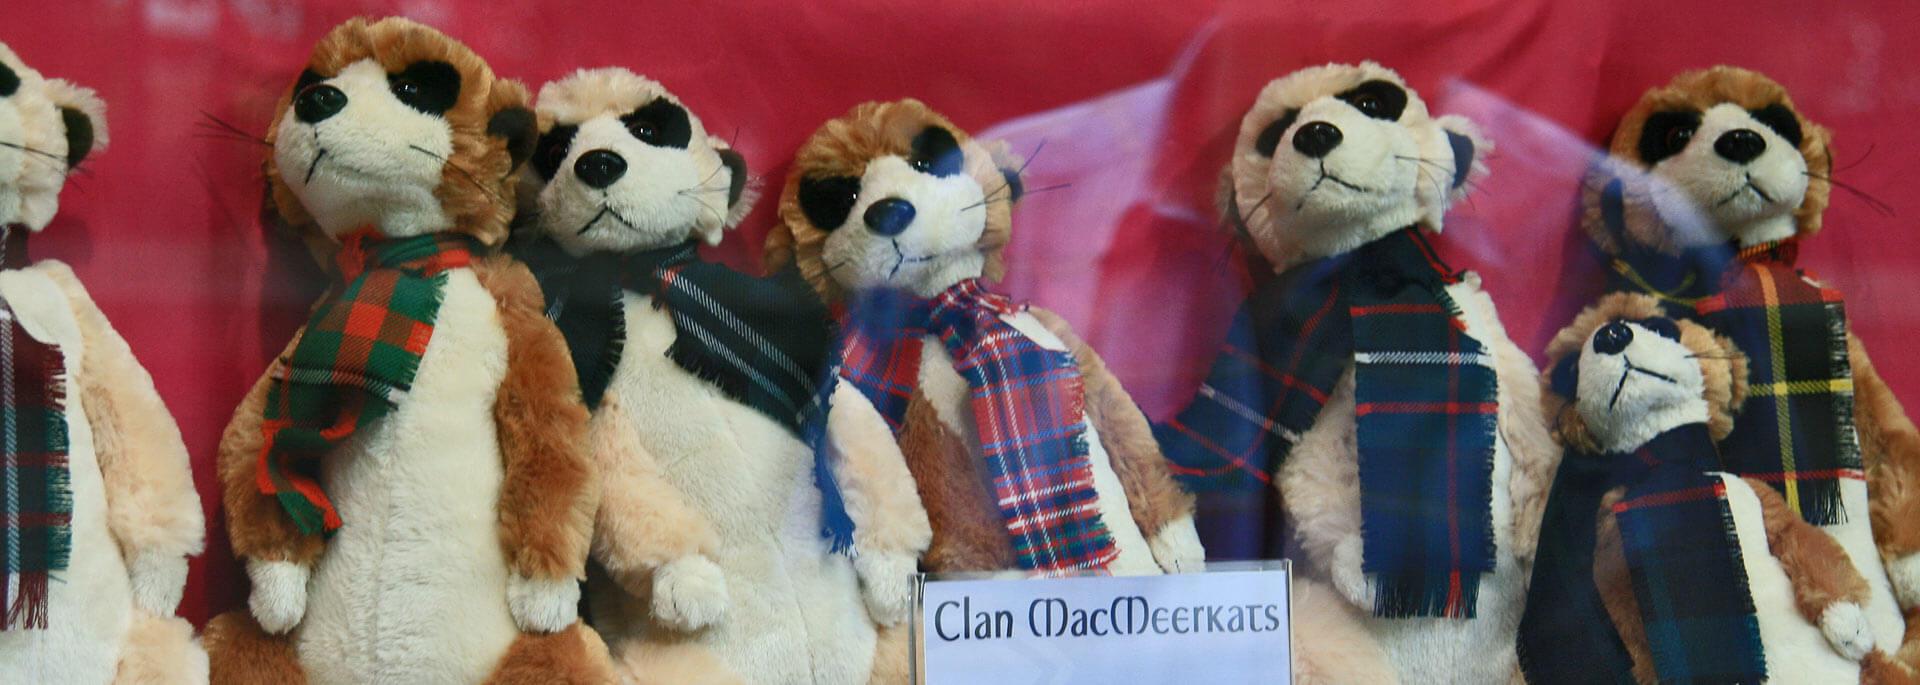 Fotos: Schottland Highland Games & Aberdeenshire